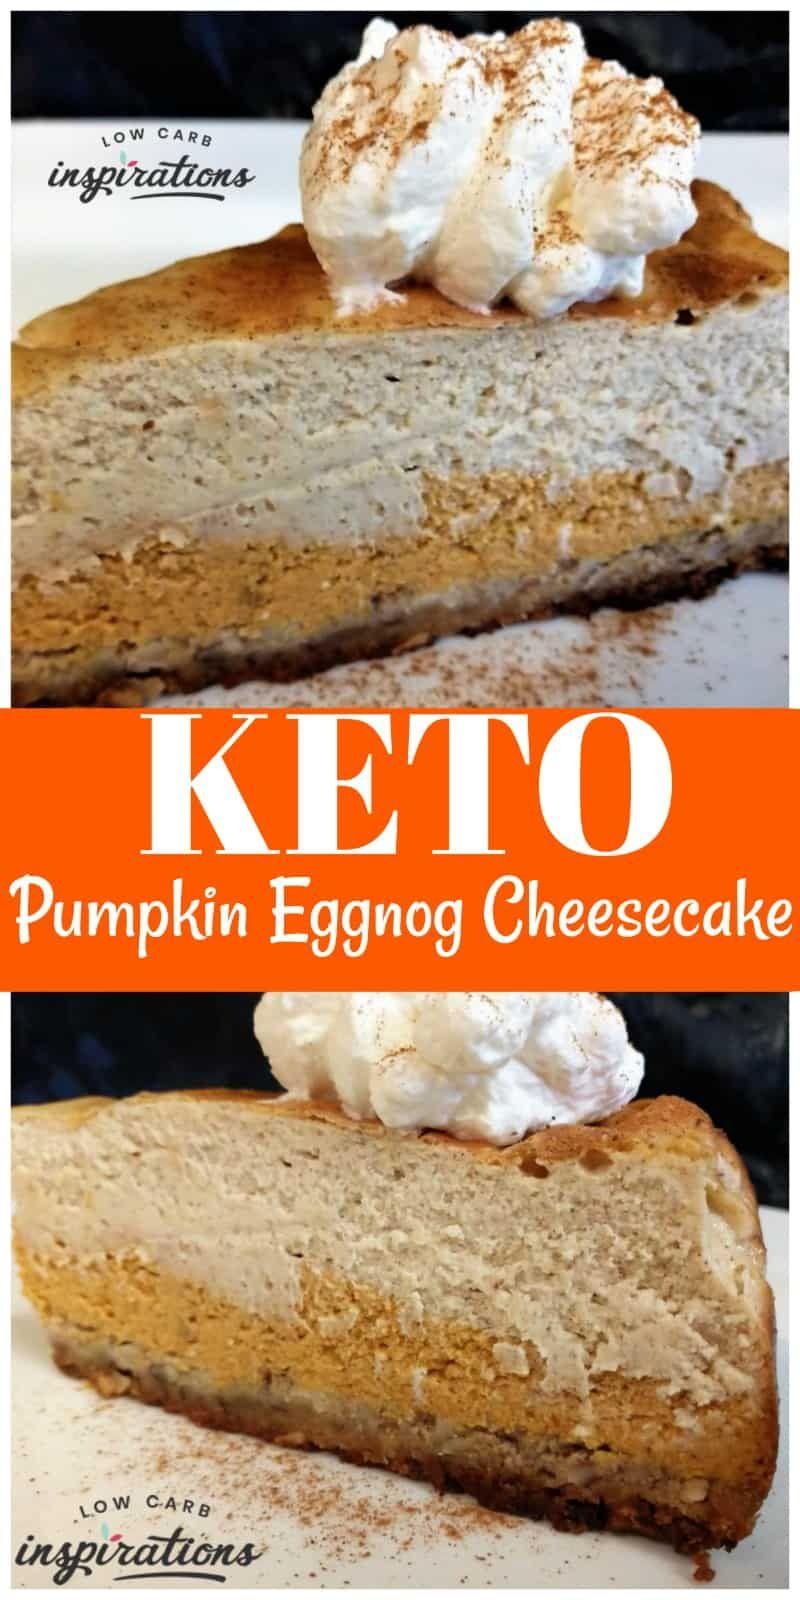 Keto Pumpkin Eggnog Layered Cheesecake #eggnogcheesecake